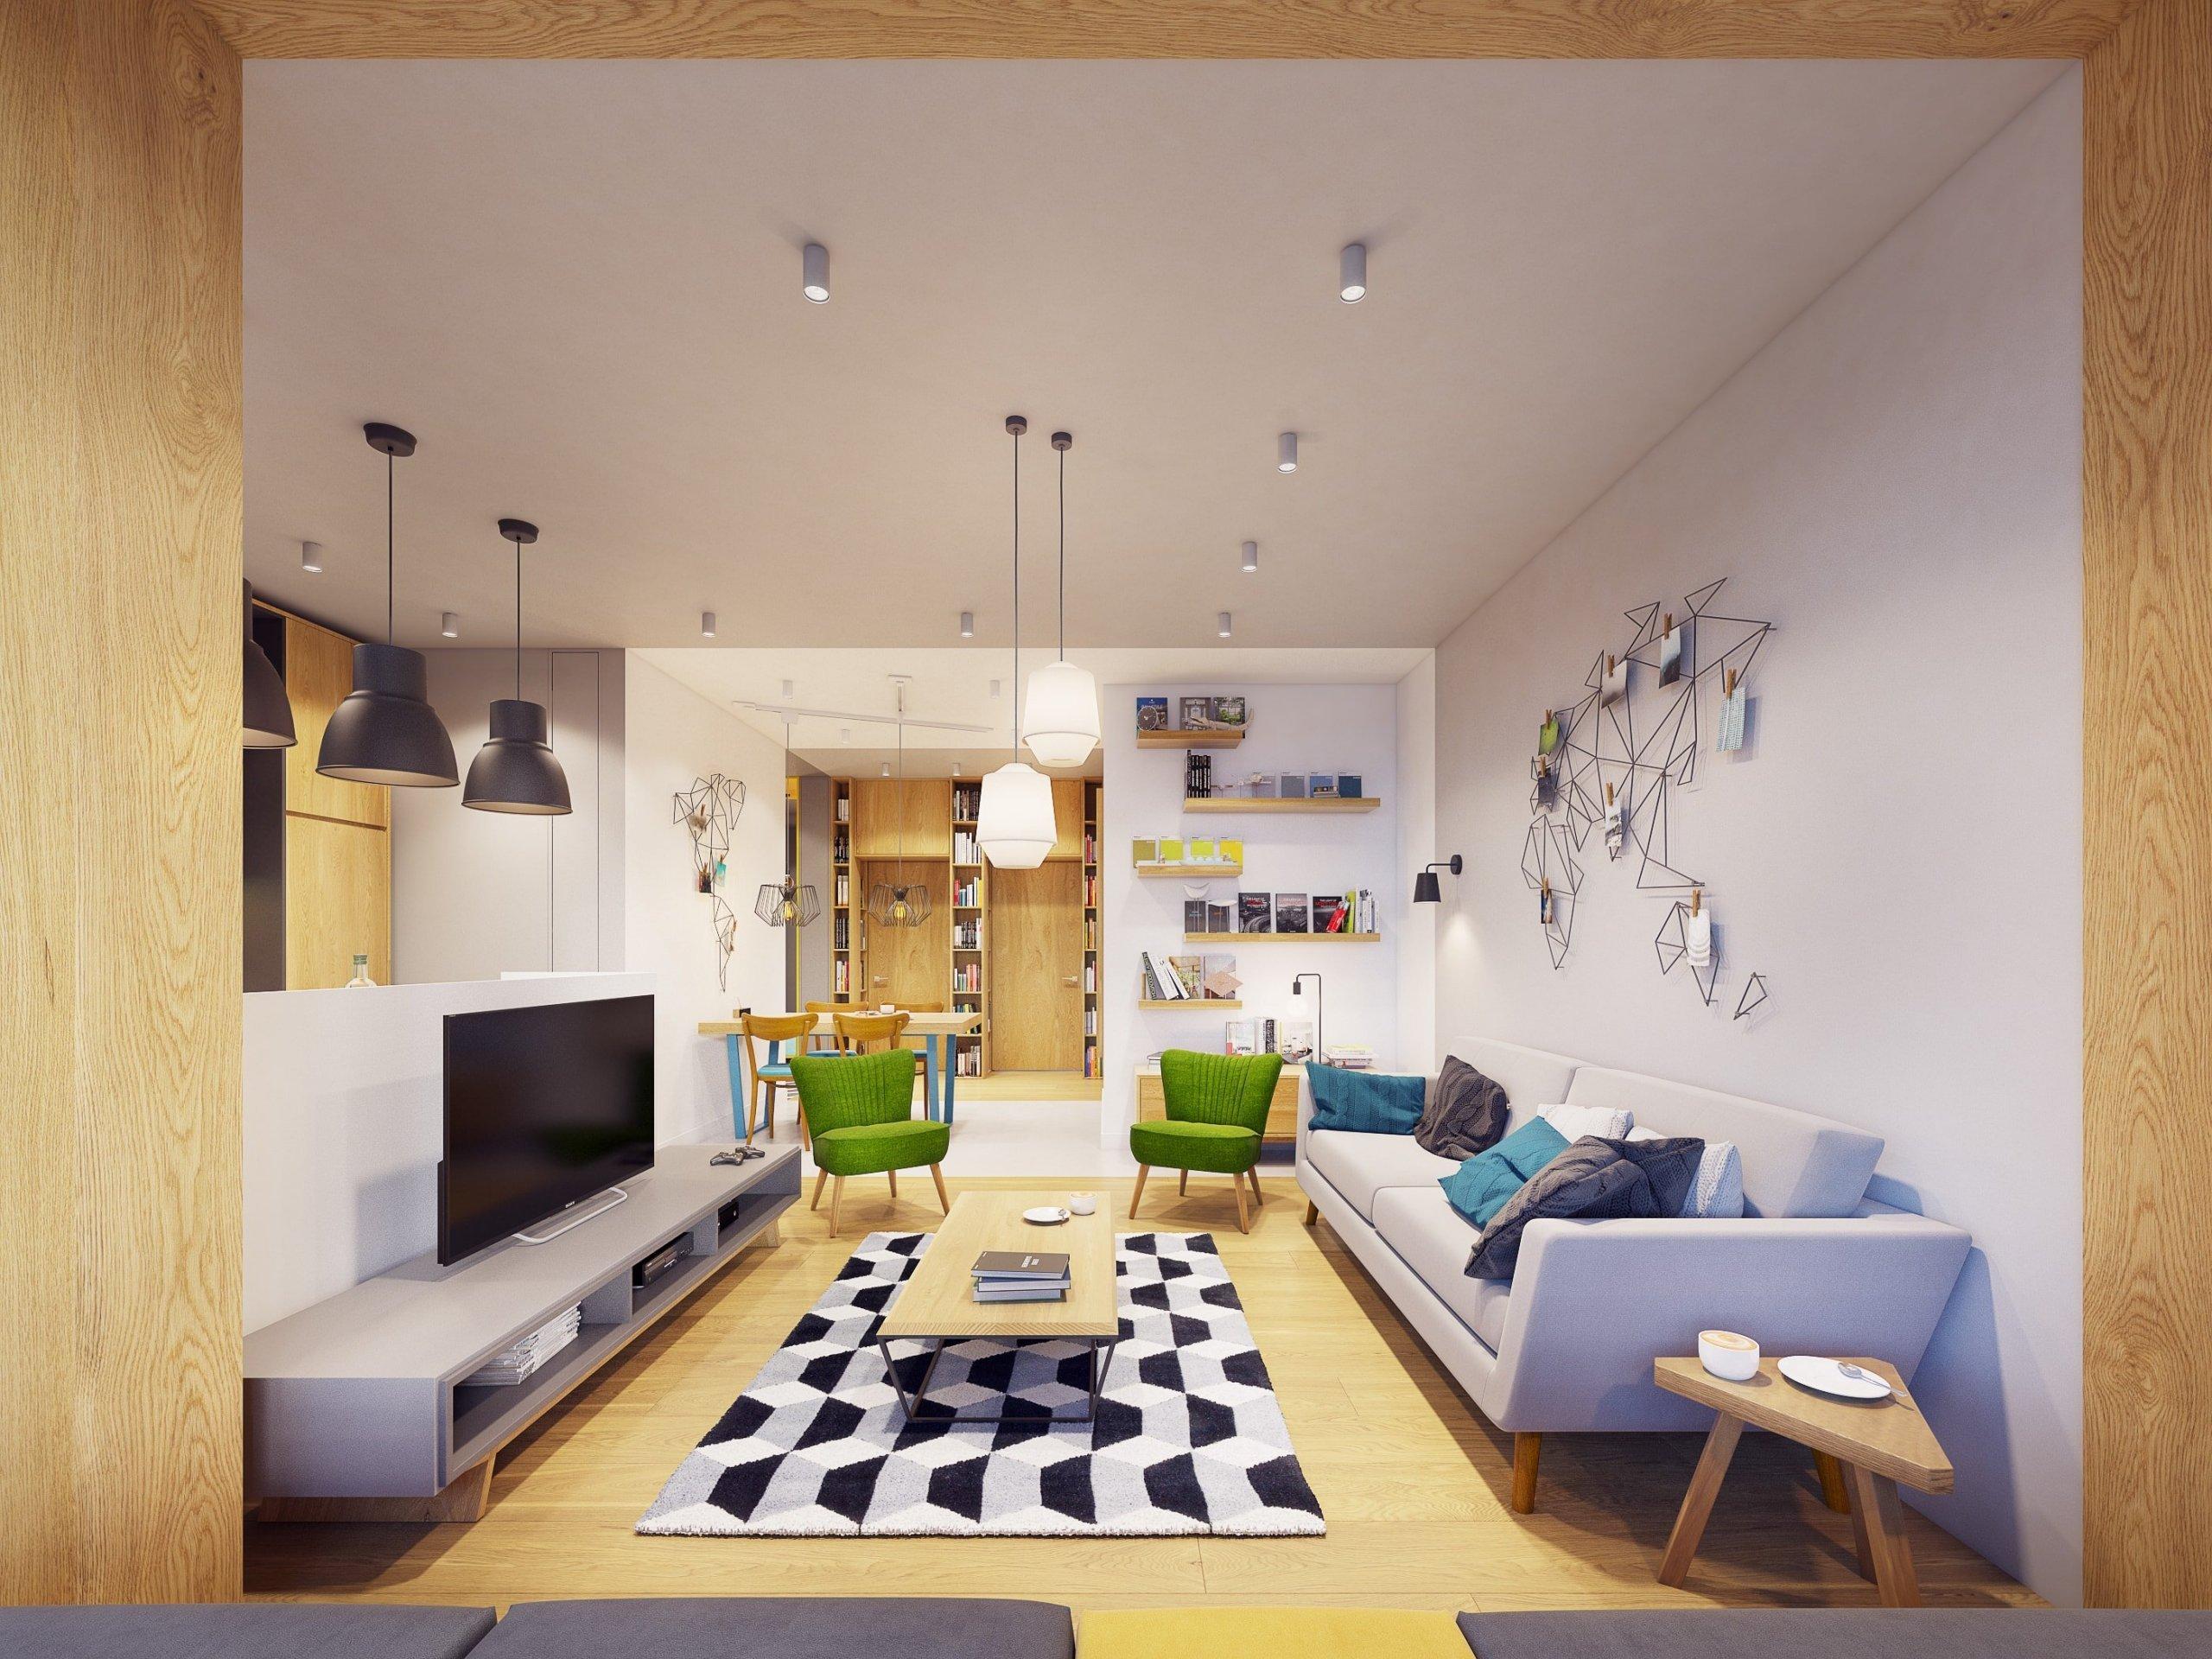 Život, energie a vitalita. Přesně takto na nás působí tento moderní interiér z rukou Zarysy. Rozsáhlé barevné schéma inspirované rozmanitostí přírody, geometrické tvary, ale i jedinečné dekorace na stěnách tvoří kouzlo tohoto 52 metrů čtverečních velkého bytu ve Varšavě.